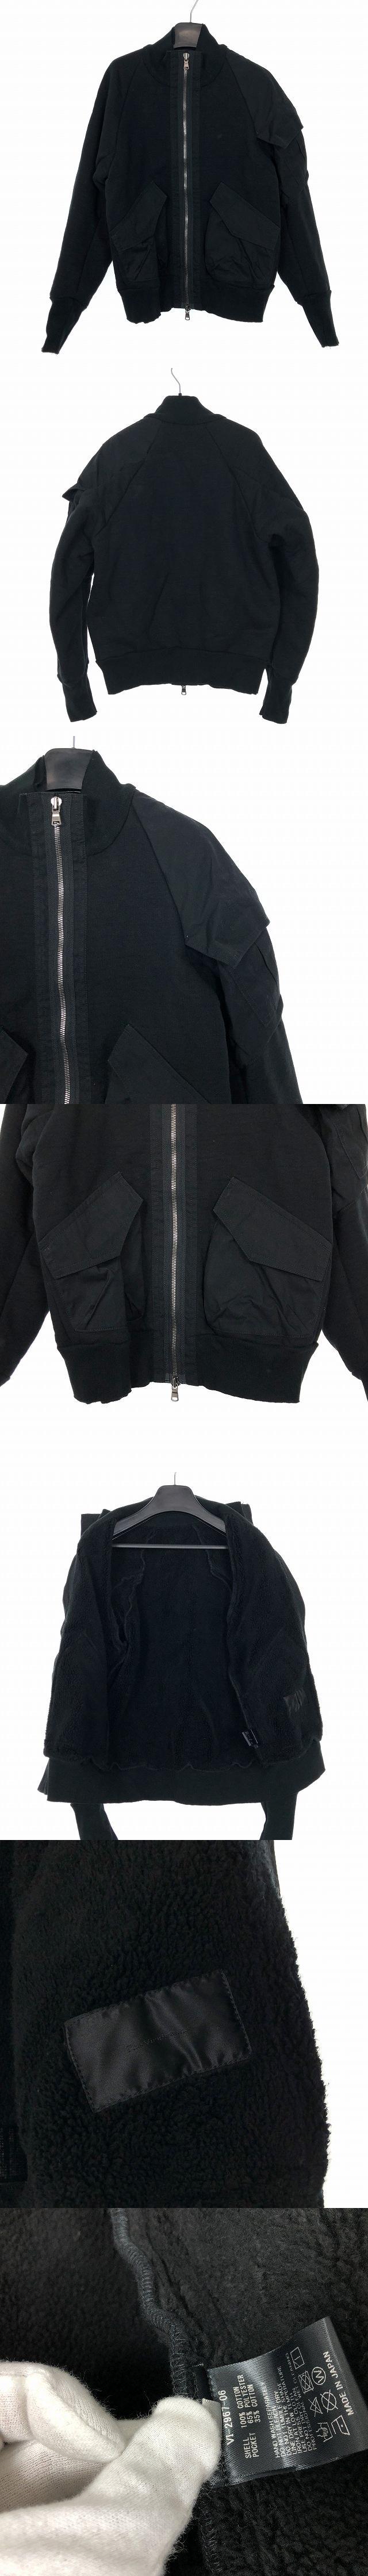 18AW ベビーパイル ボンバージャケット ボアブルゾン 1 ブラック 黒 VI-2967-06